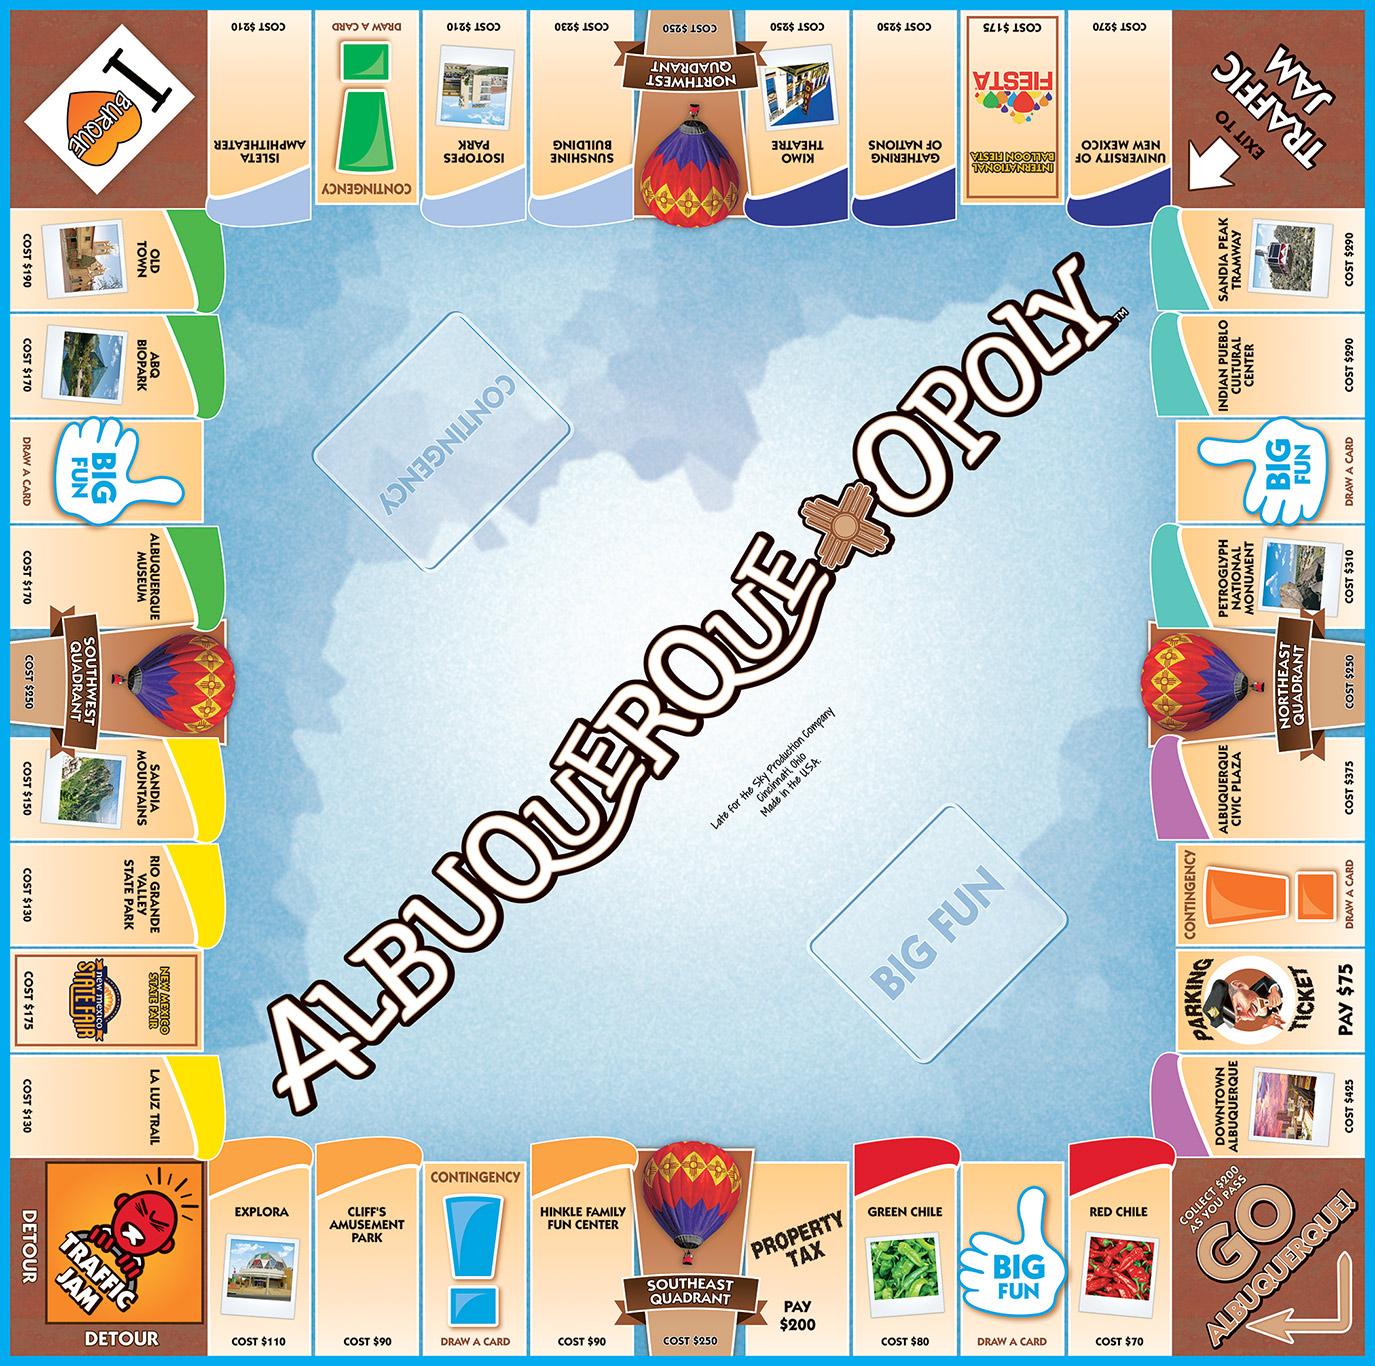 ALBUQUERQUE-OPOLY Board Game